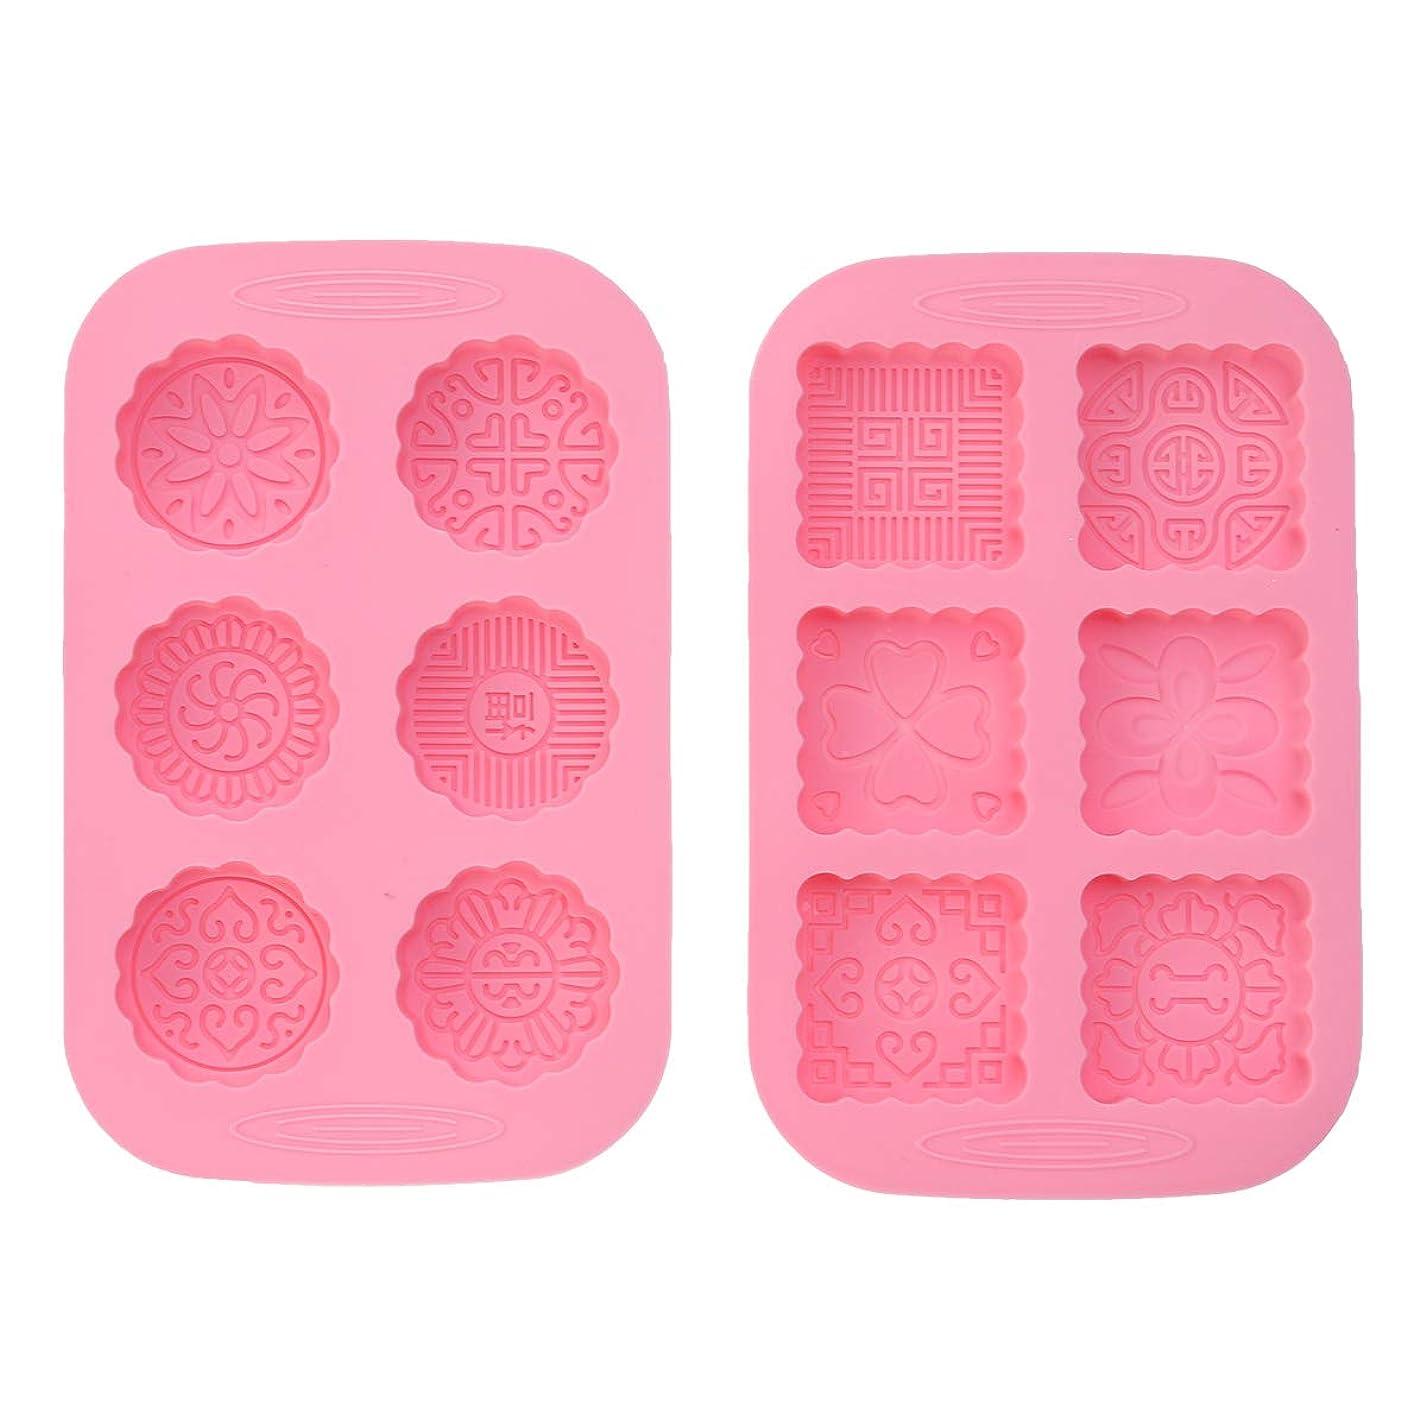 死傷者大脳不正直Healifty チョコレート石鹸パンのための2本の月餅型の花型(ピンク)